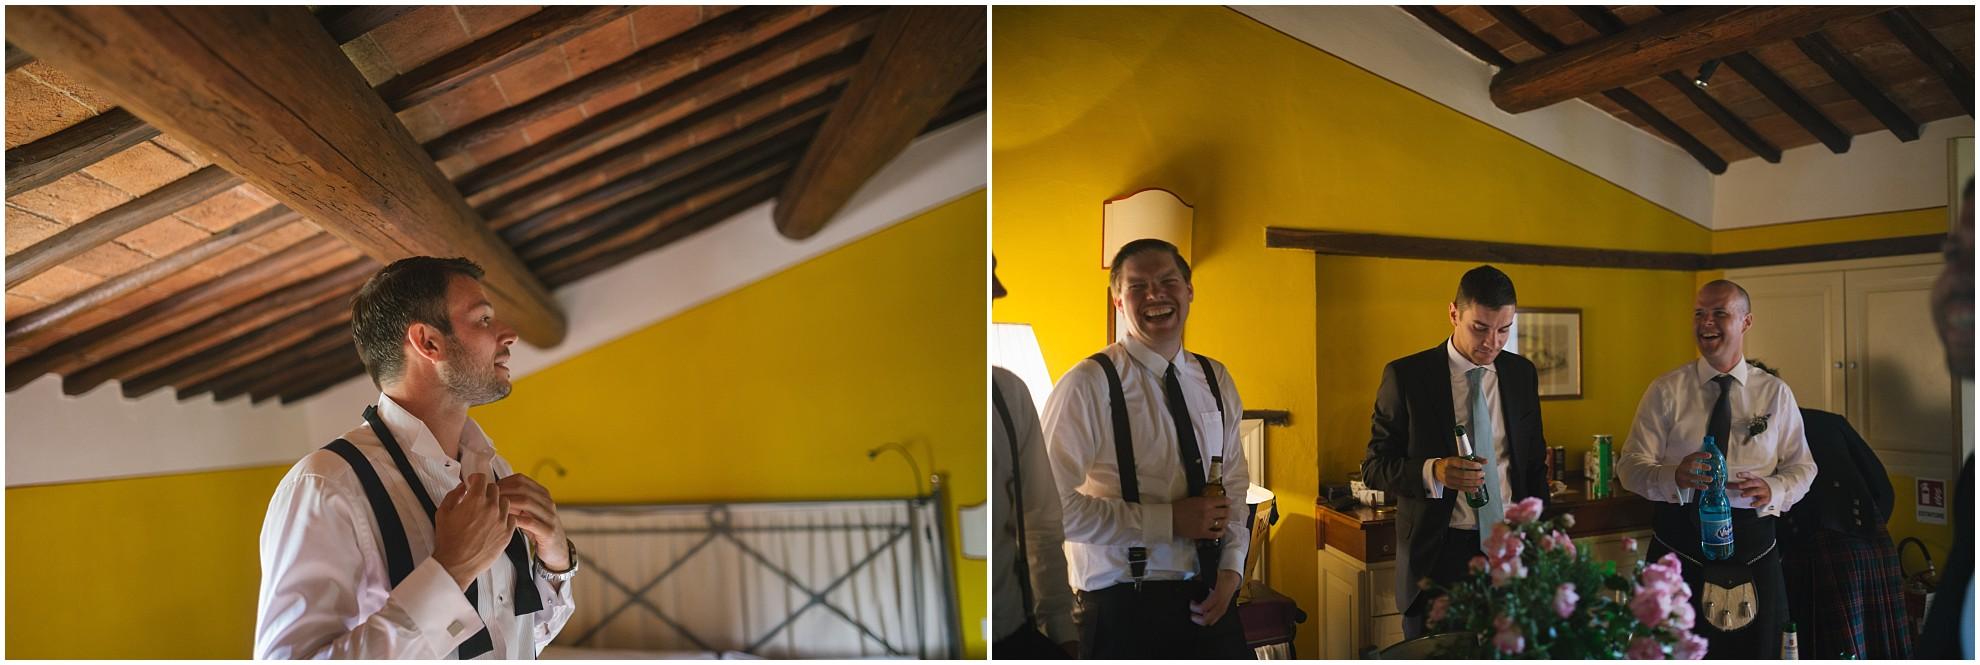 tuscany-wedding-photographer-012